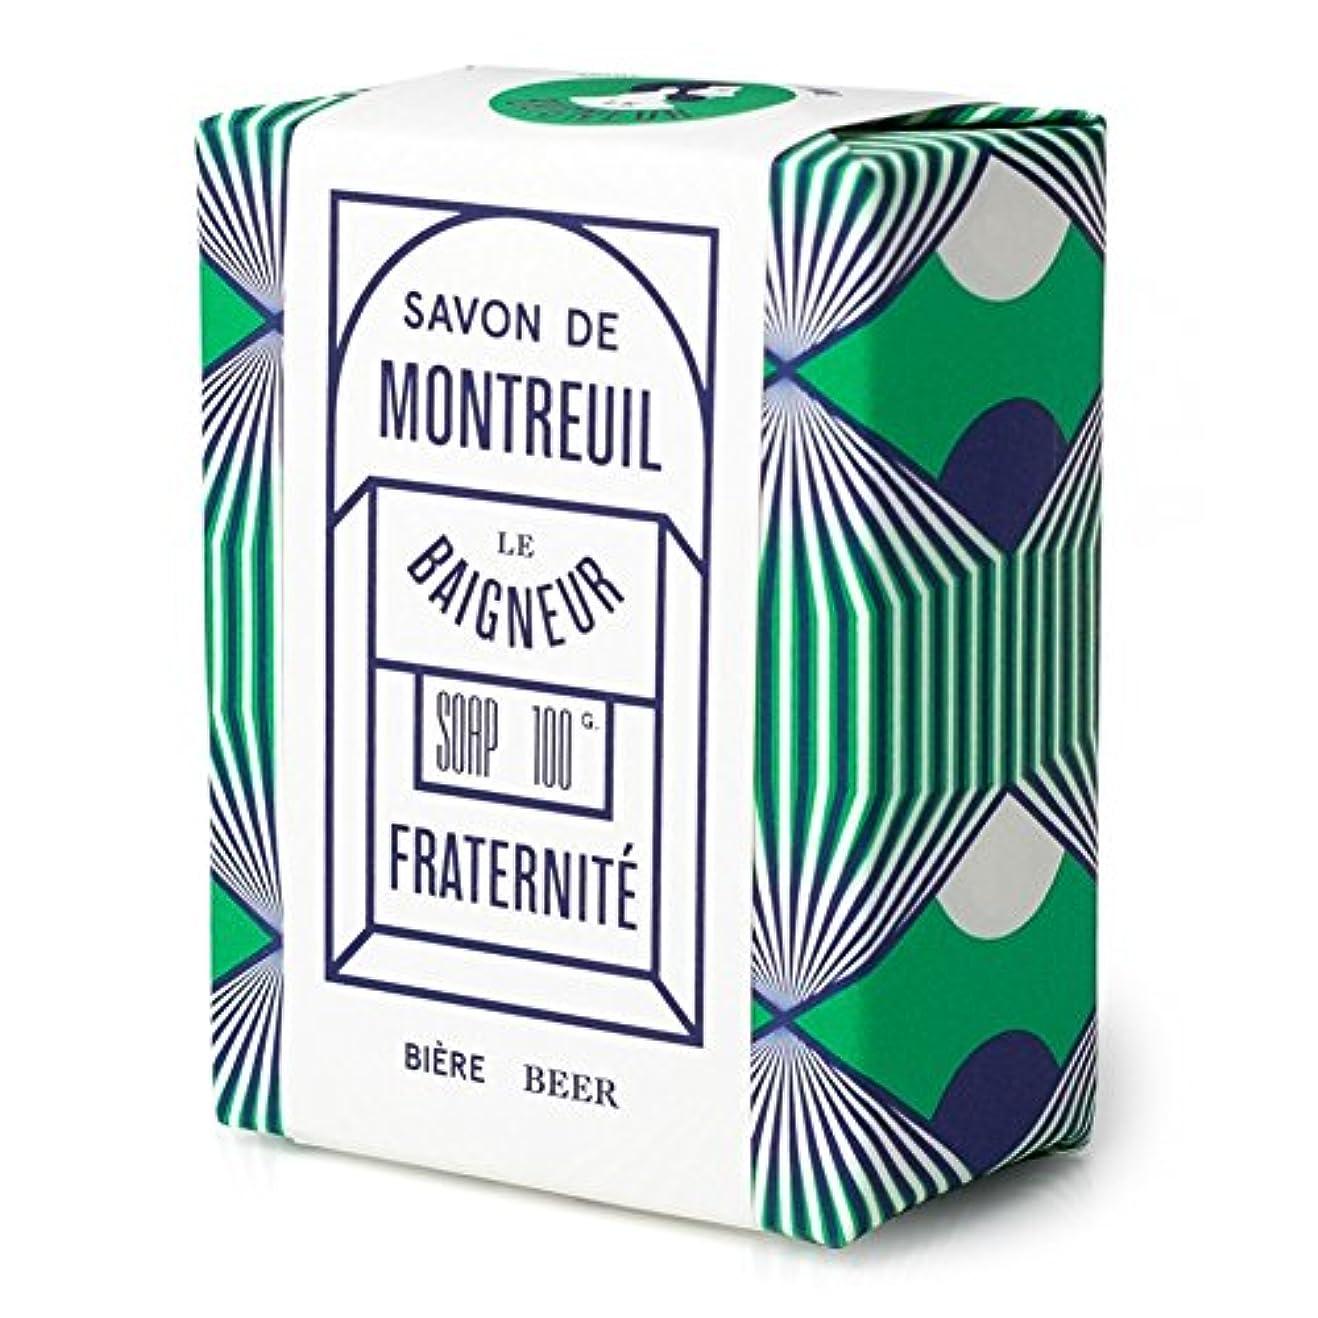 背骨利得シャトルル 石鹸100グラム x4 - Le Baigneur Fraternite Soap 100g (Pack of 4) [並行輸入品]